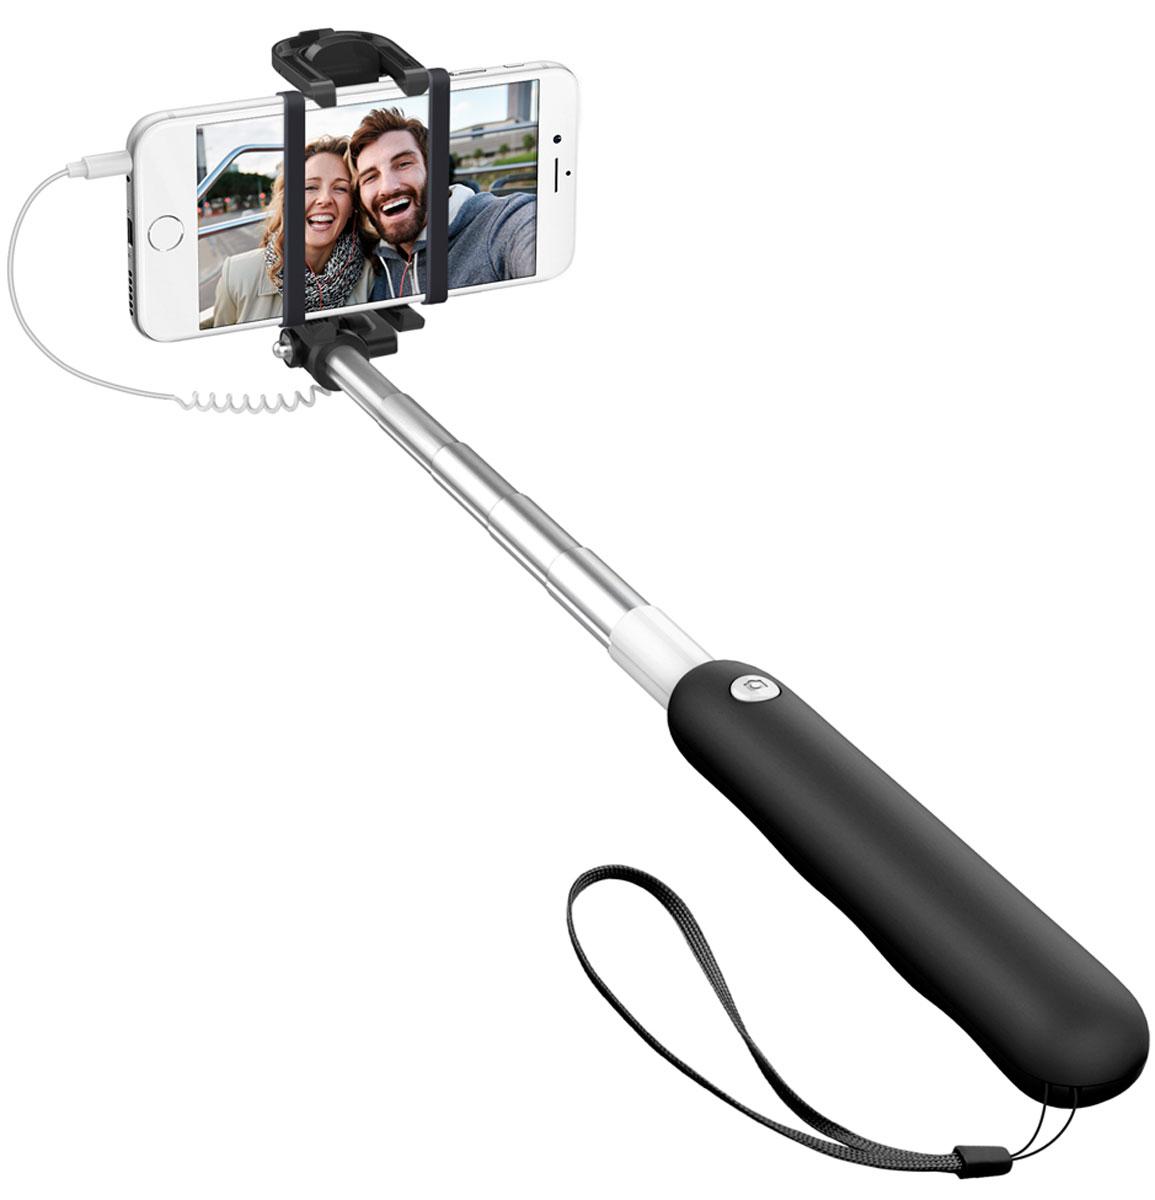 Deppa монопод для селфи, Black (72 см)45001Deppa- ручной телескопический монопод для проведения фото и видеосъемки с максимальной нагрузкой 1 килограмм. Удобная ручка монопода изготовлена из ABS - пластика с покрытием Soft Touch. Для управления имеется удобно расположенная кнопка на рукоятке. Подключается к смартфону через разъем 3,5 мм.